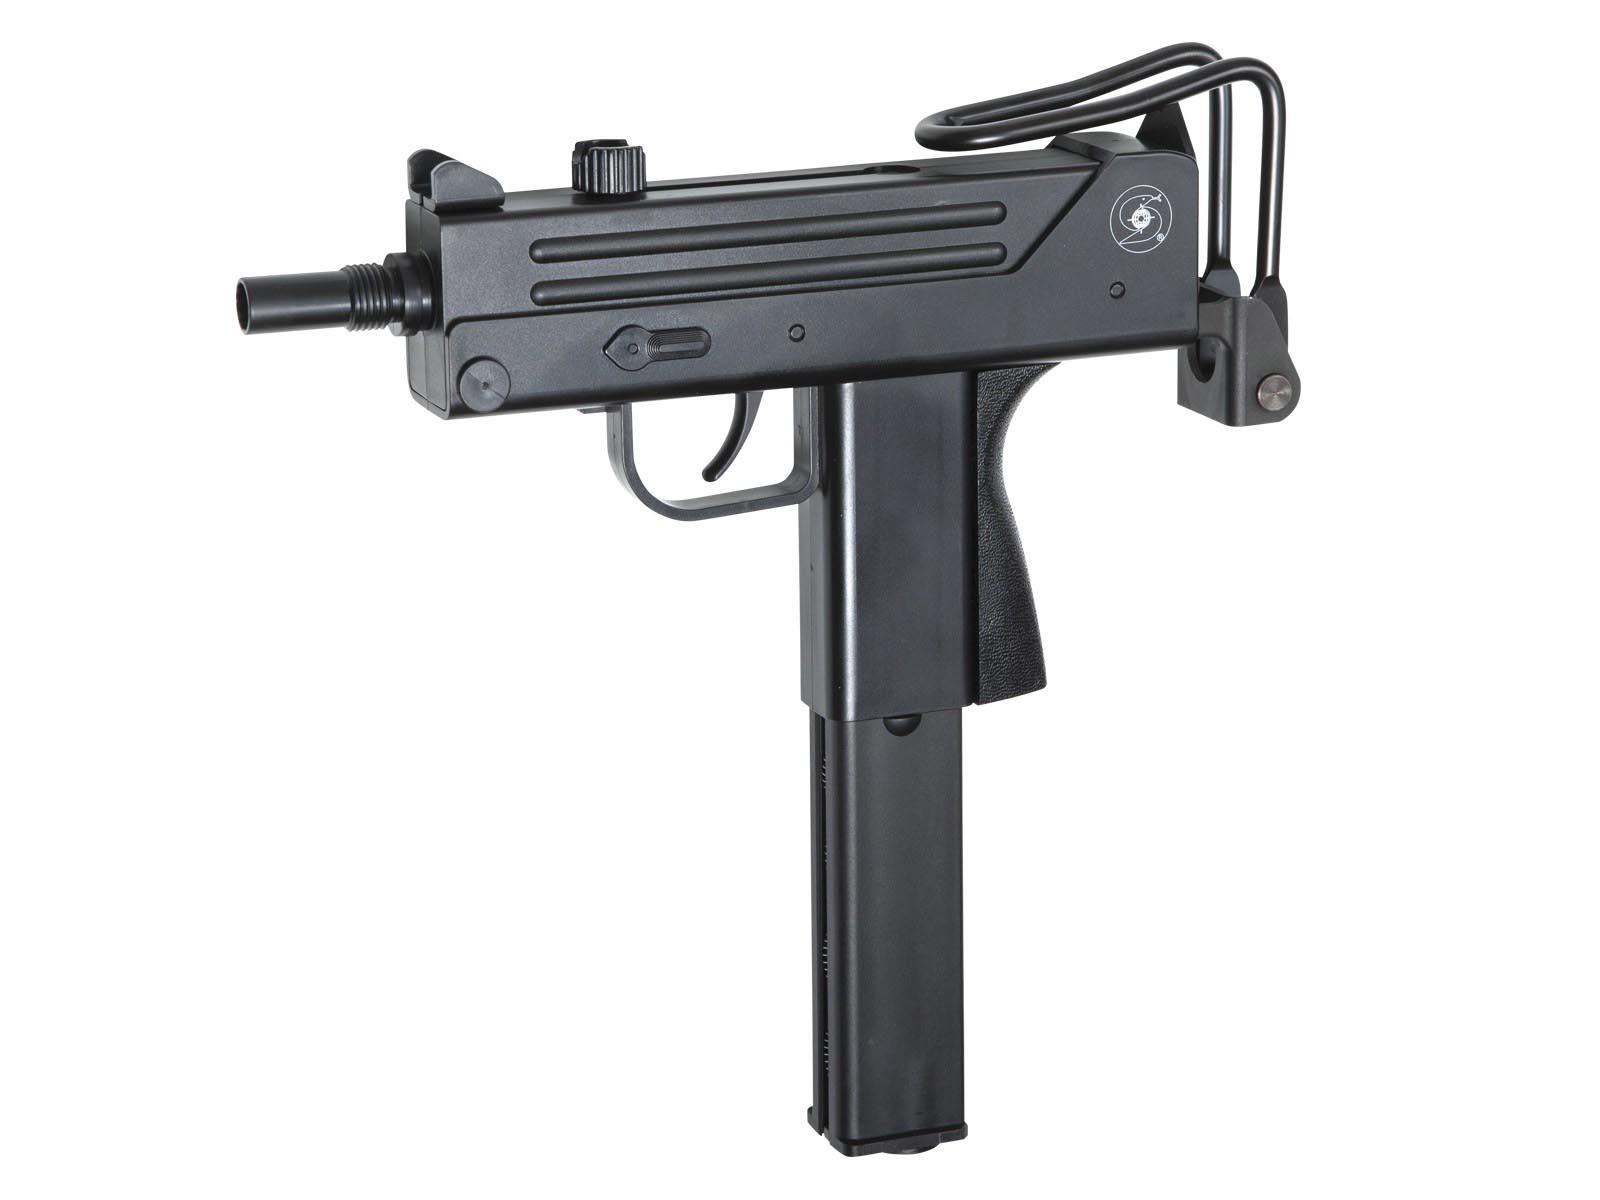 ASG Cobray Ingram M11 Submachine BB Gun